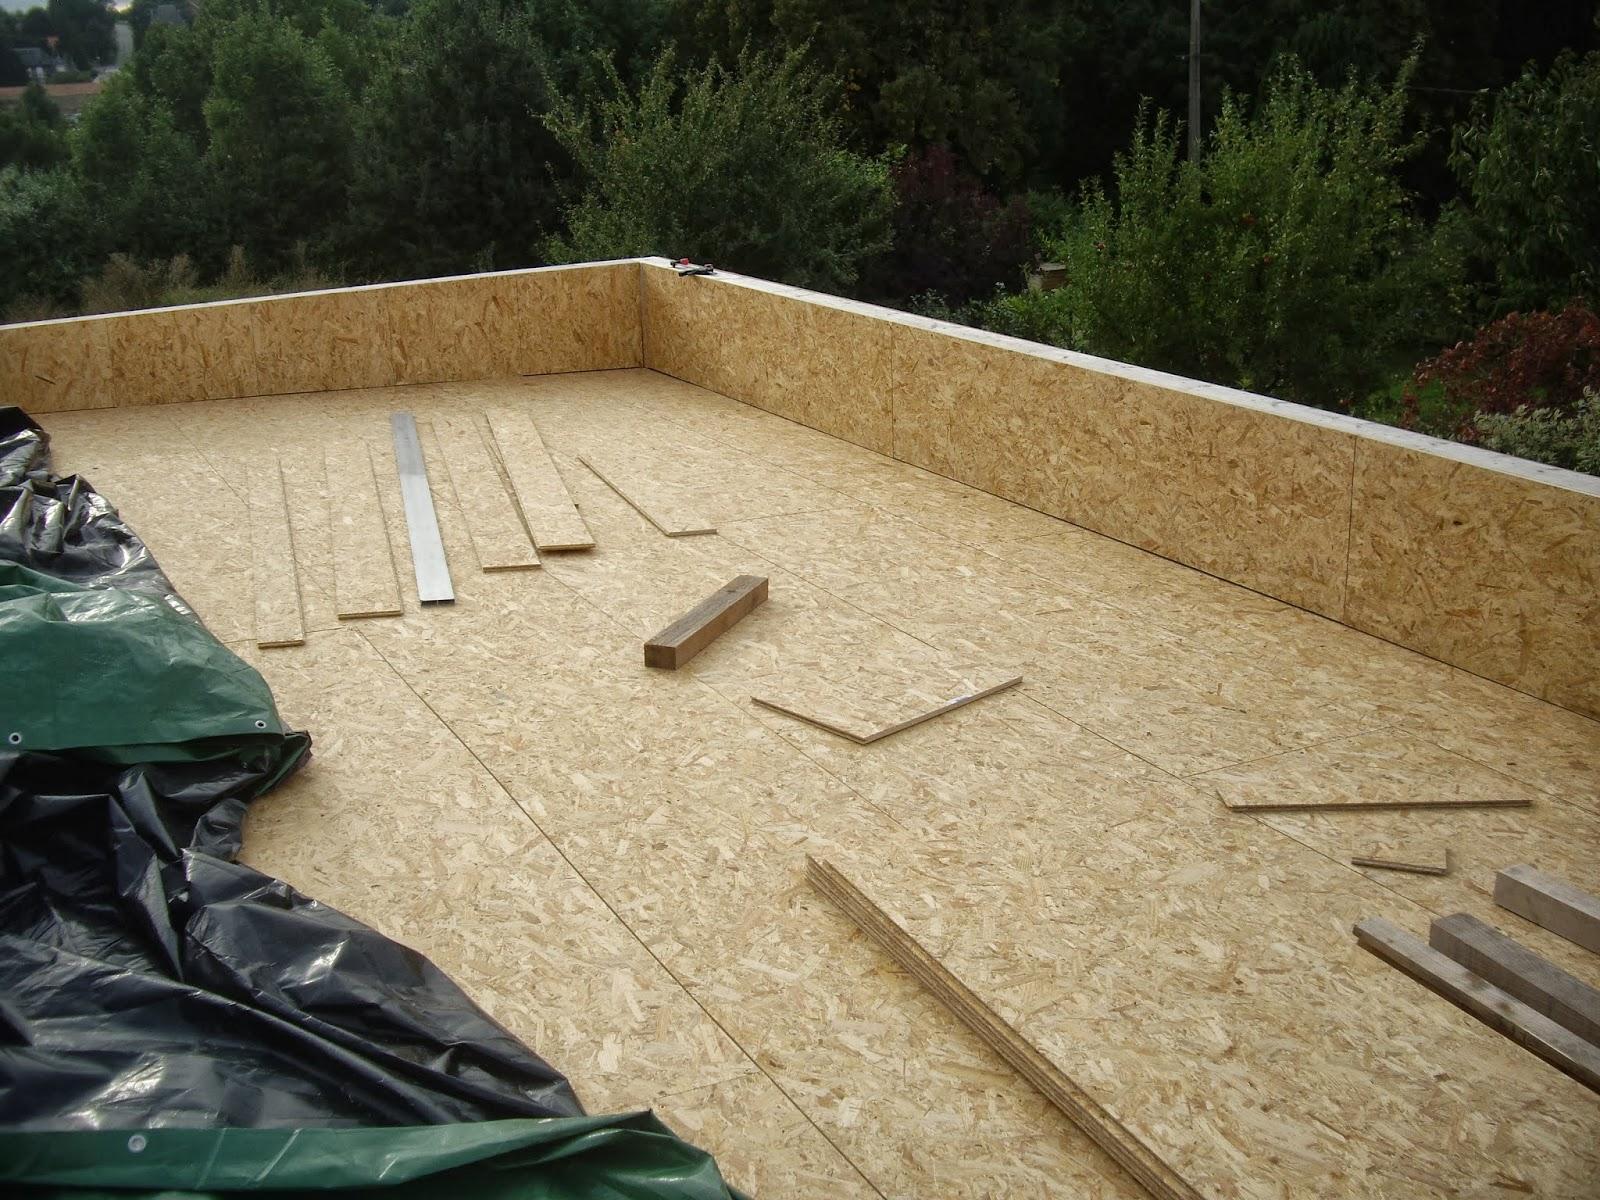 Notre auto construction passive Maison ossature bois (M O B ) Ossature bois (Plancher OSB) # Plancher Maison Ossature Bois